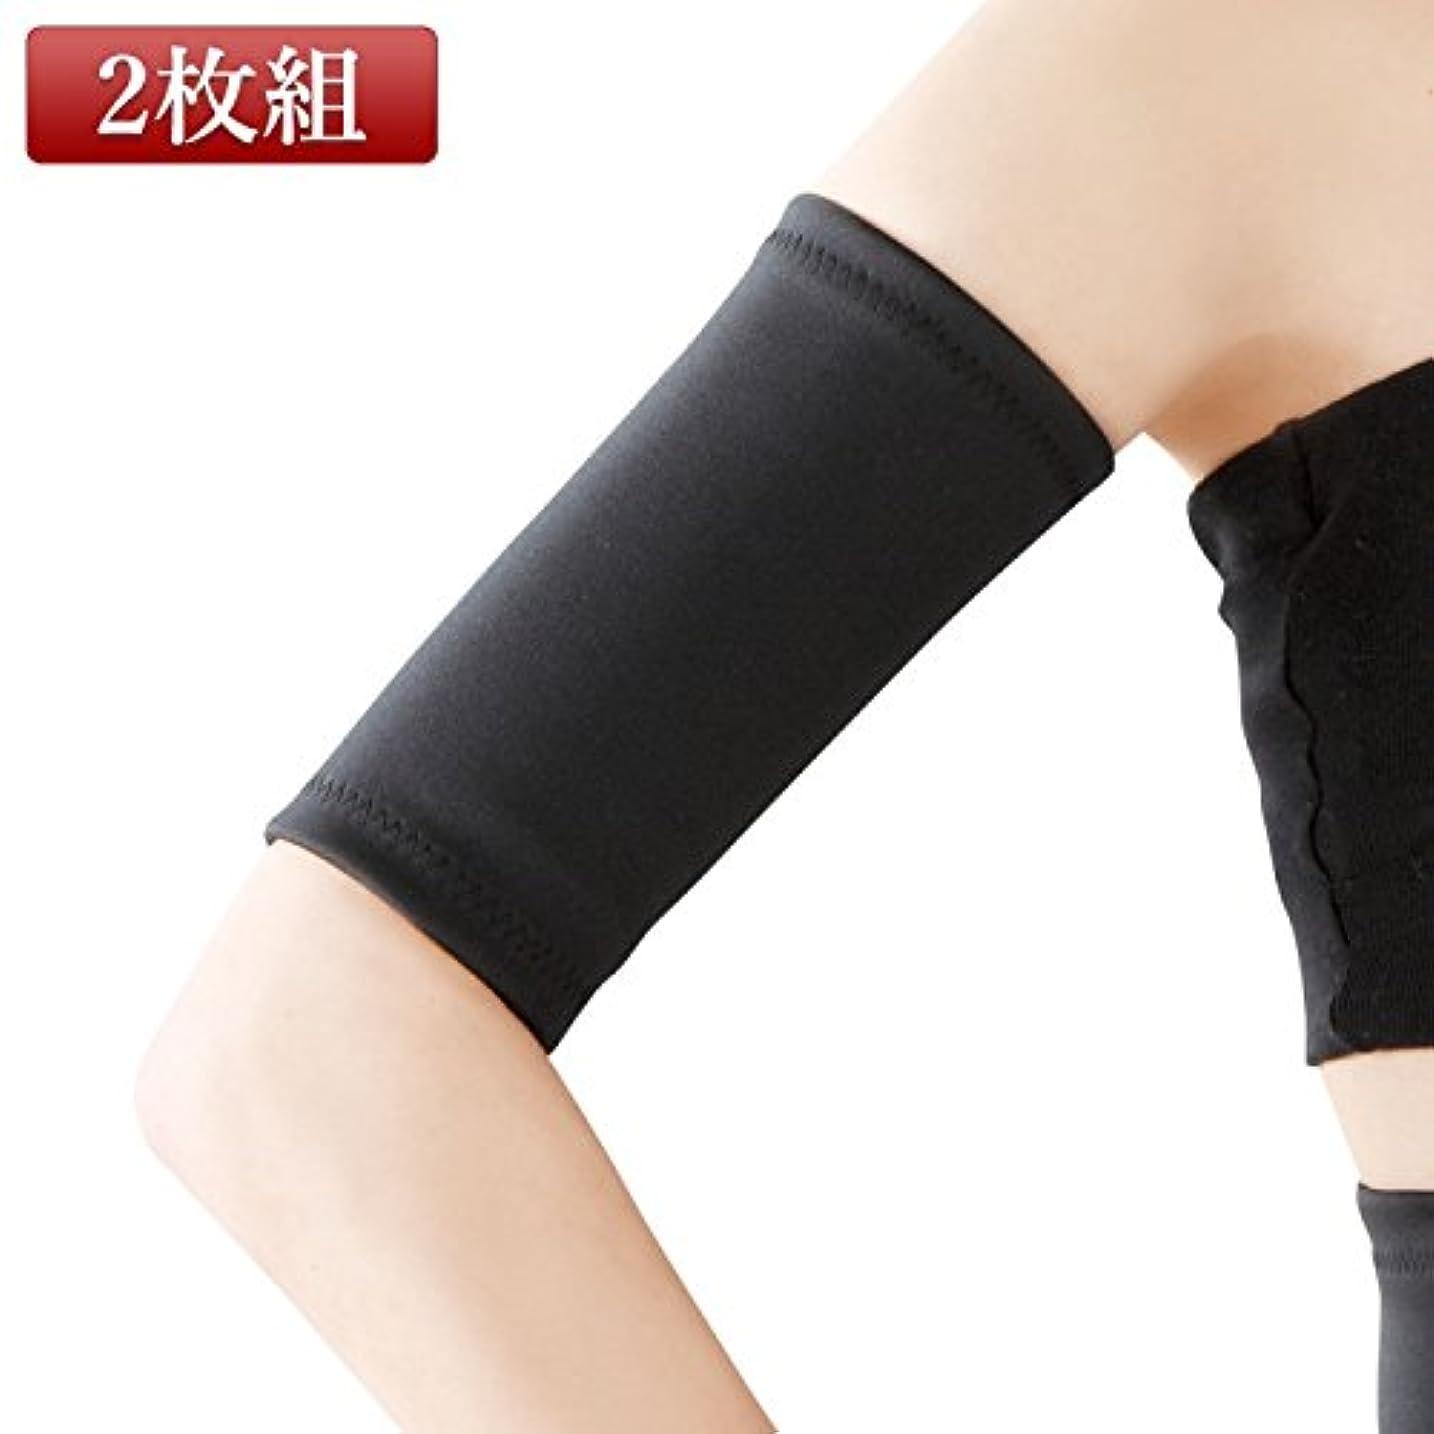 ビット簡略化するライラック発汗 サウナスーツ 二の腕用 ウォーキング発汗 二の腕シェイパー ブラック 2枚組(L)